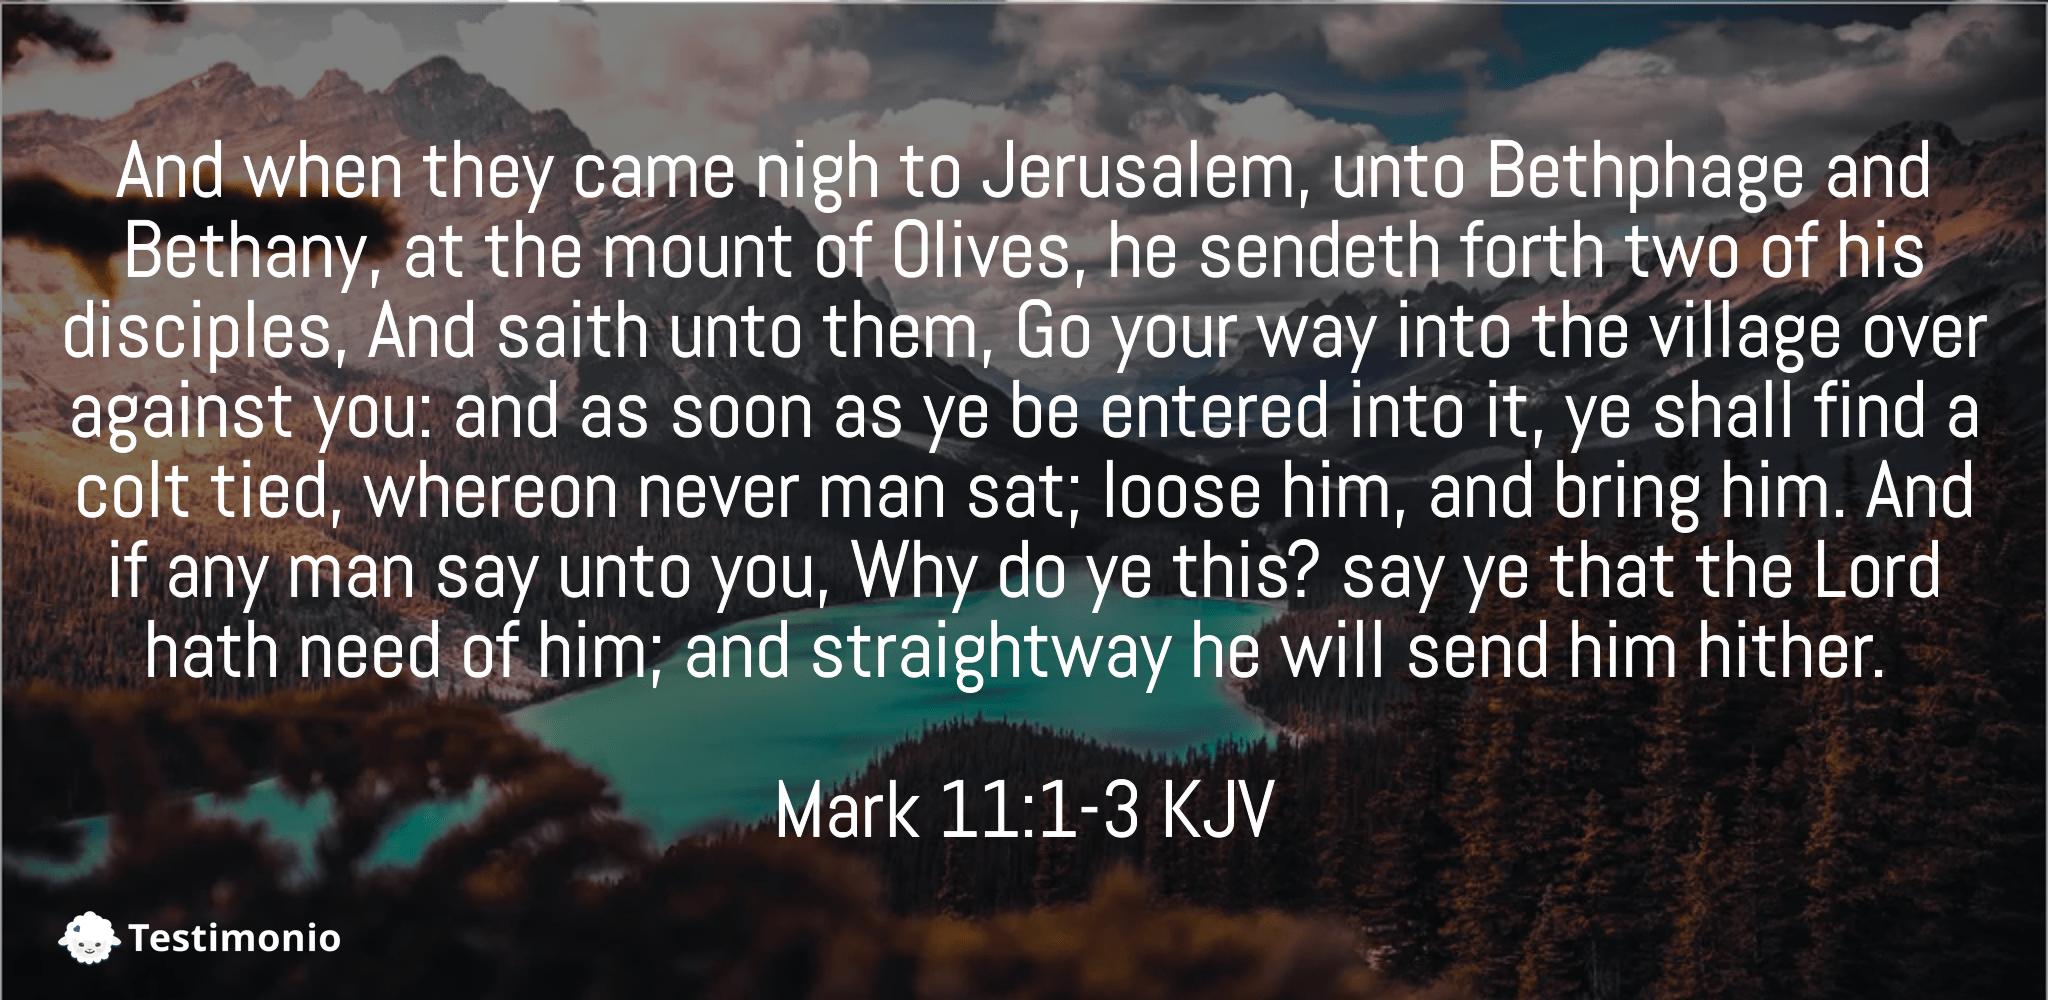 Mark 11:1-3